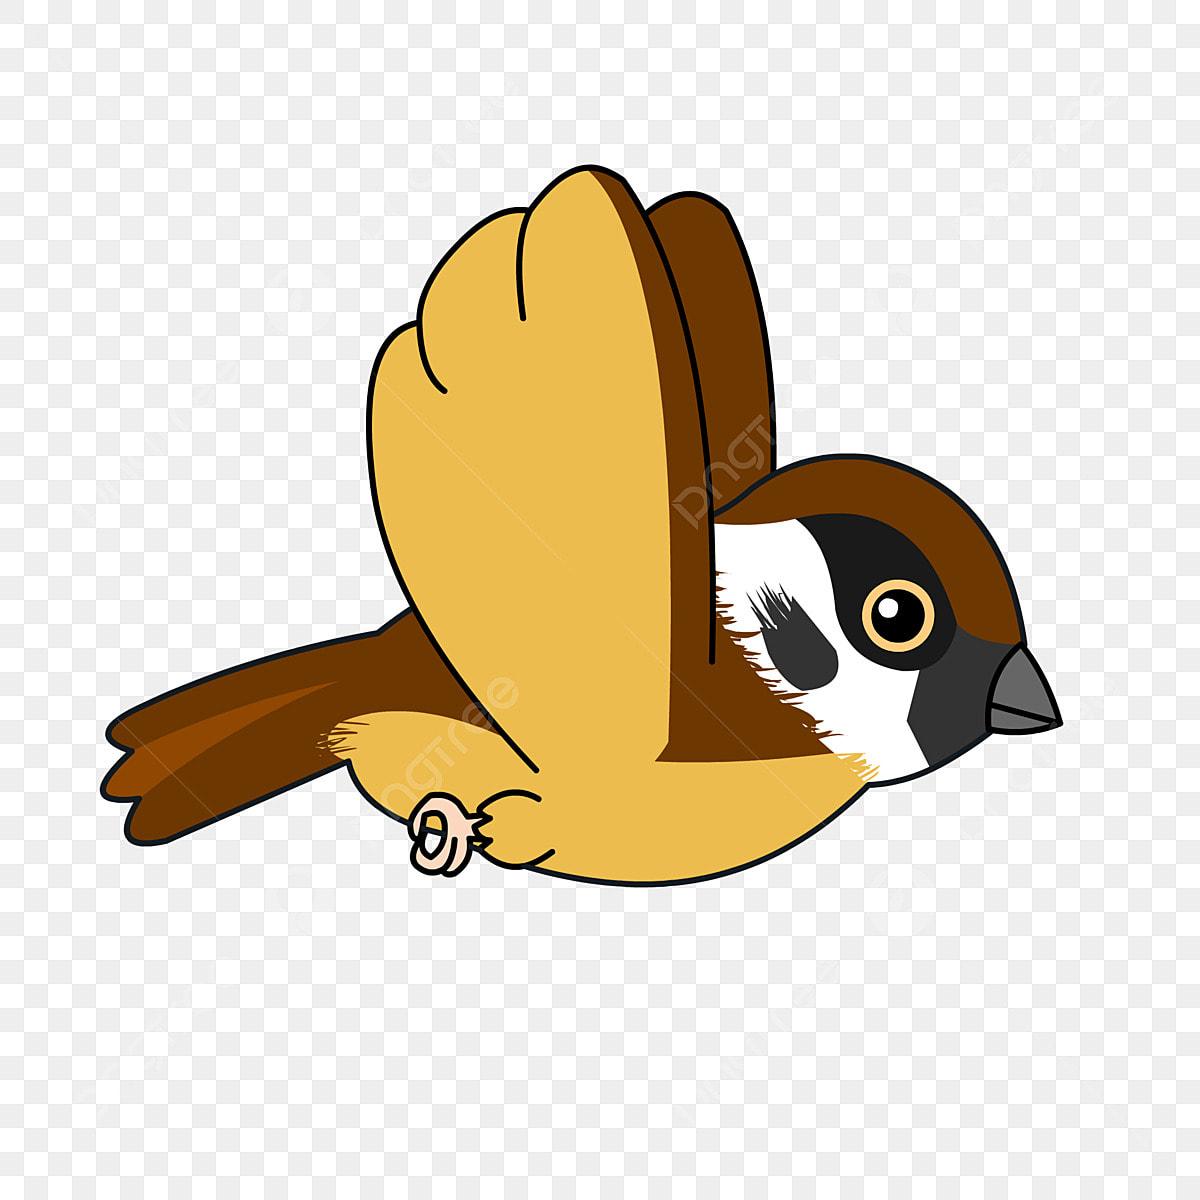 Petit Moineau Clipart Oiseau Des Oiseaux Sparrow Png Et Vecteur Pour Telechargement Gratuit